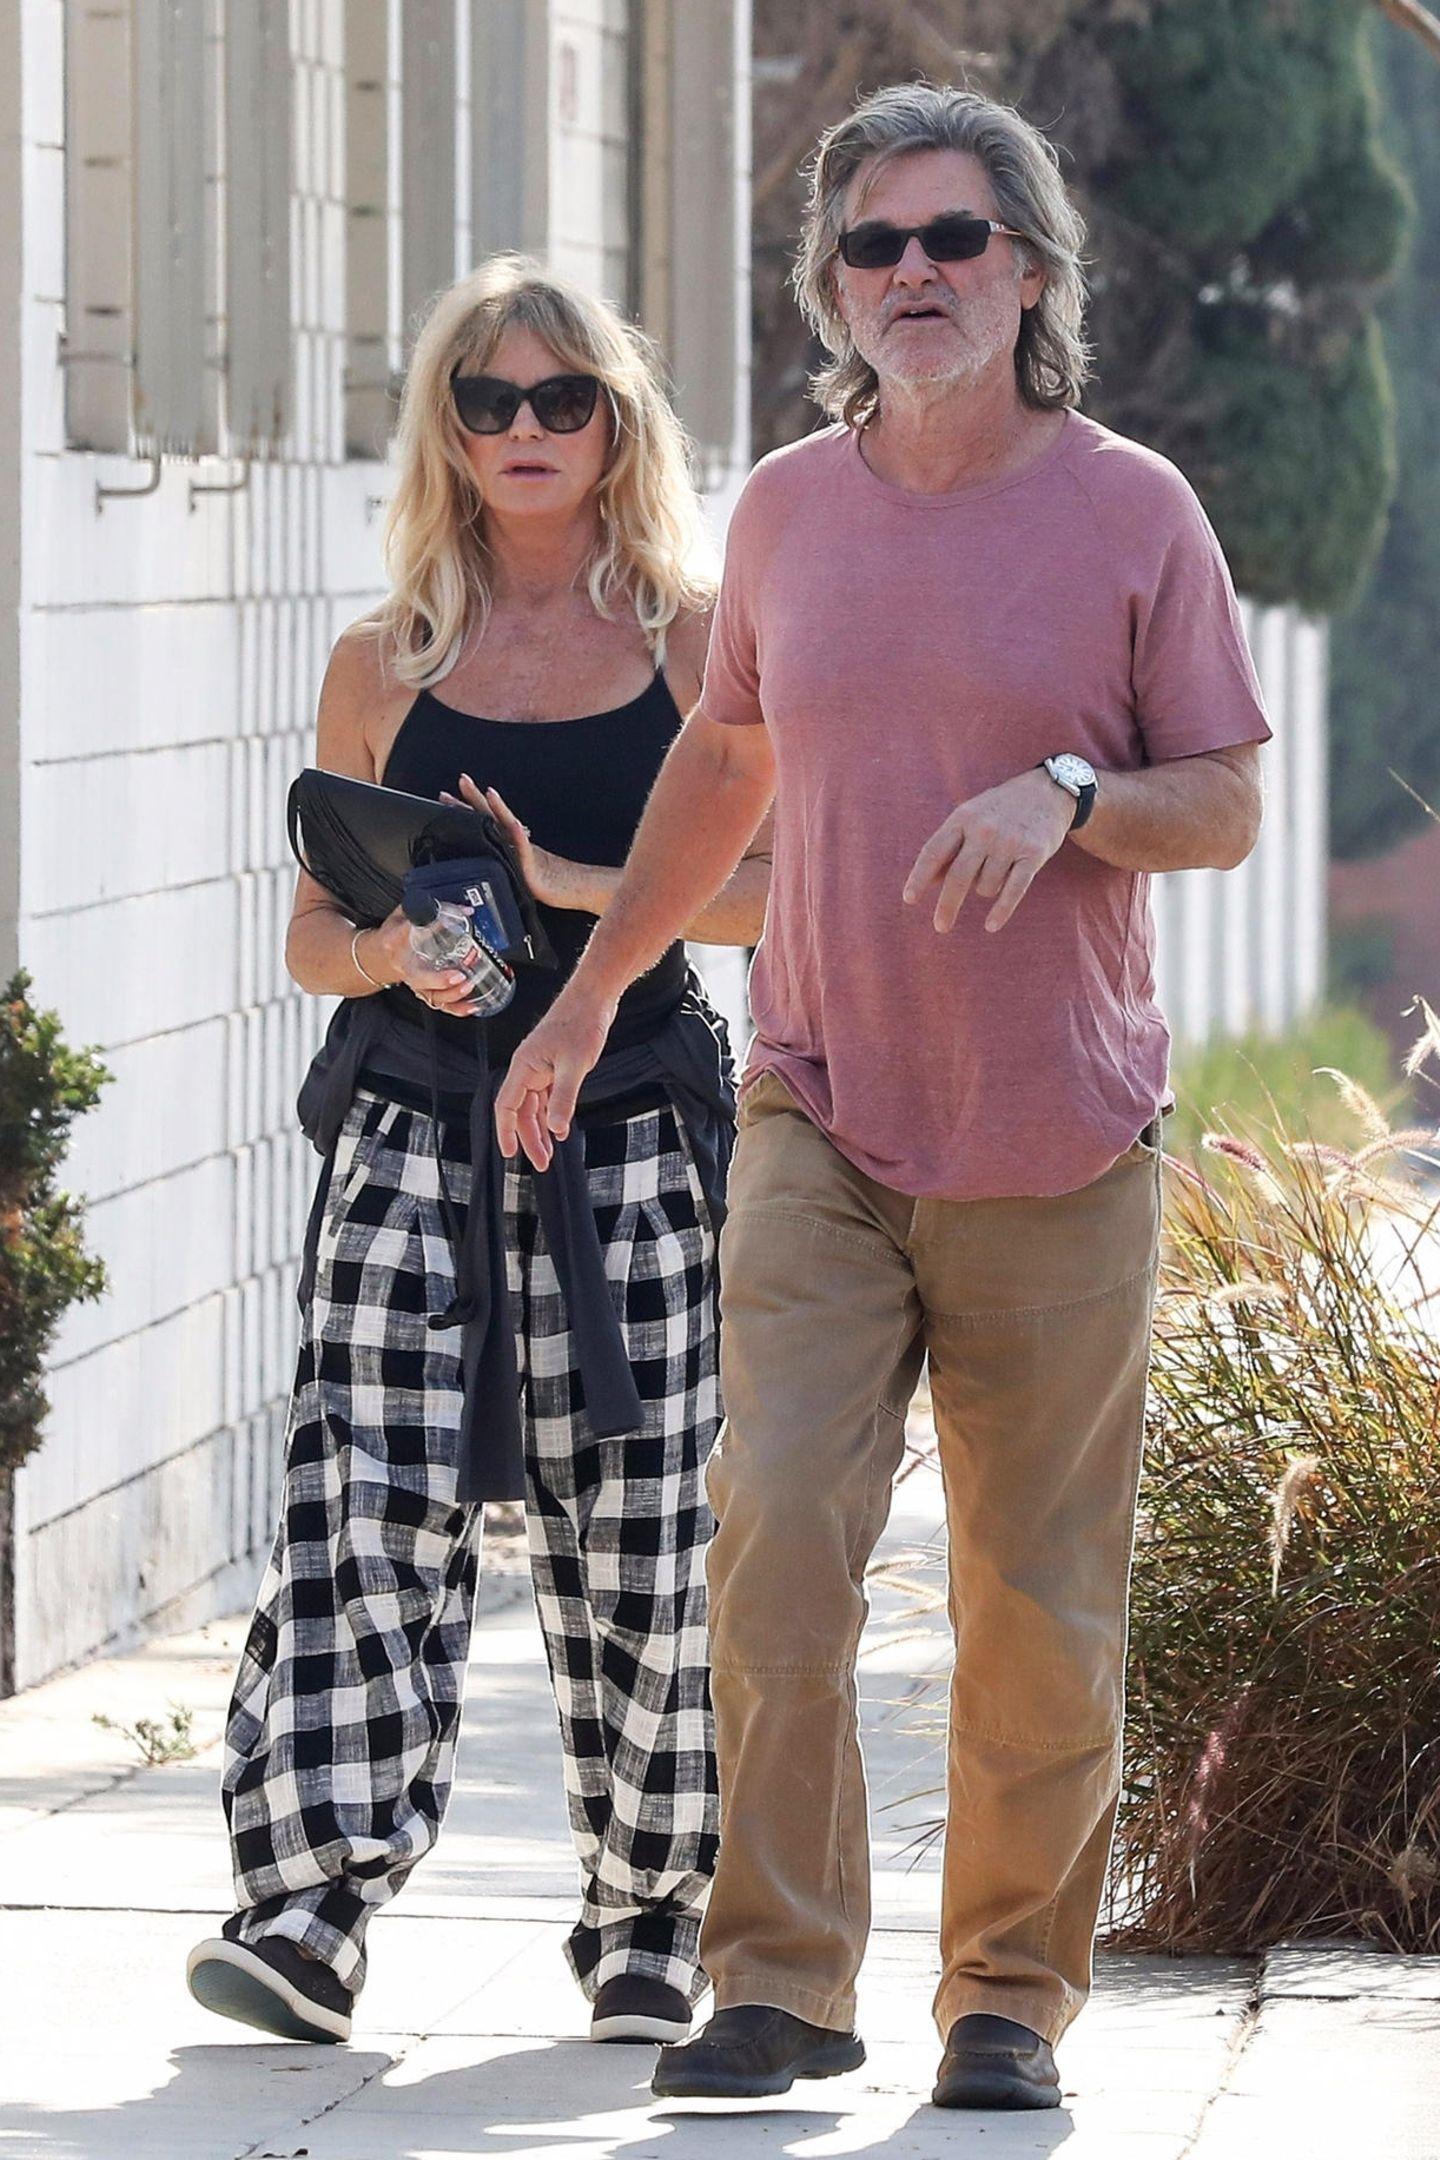 Liebesgrüße aus Floddywood: Goldie Hawn und Kurt Russell strengen sich fernab vom roten Teppich nicht sonderlich an, als eines der führende Style-Paare Hollywoods rüberzukommen. Die beiden ziehen lieber in Schlabber-Klamotten durch Santa Monica.